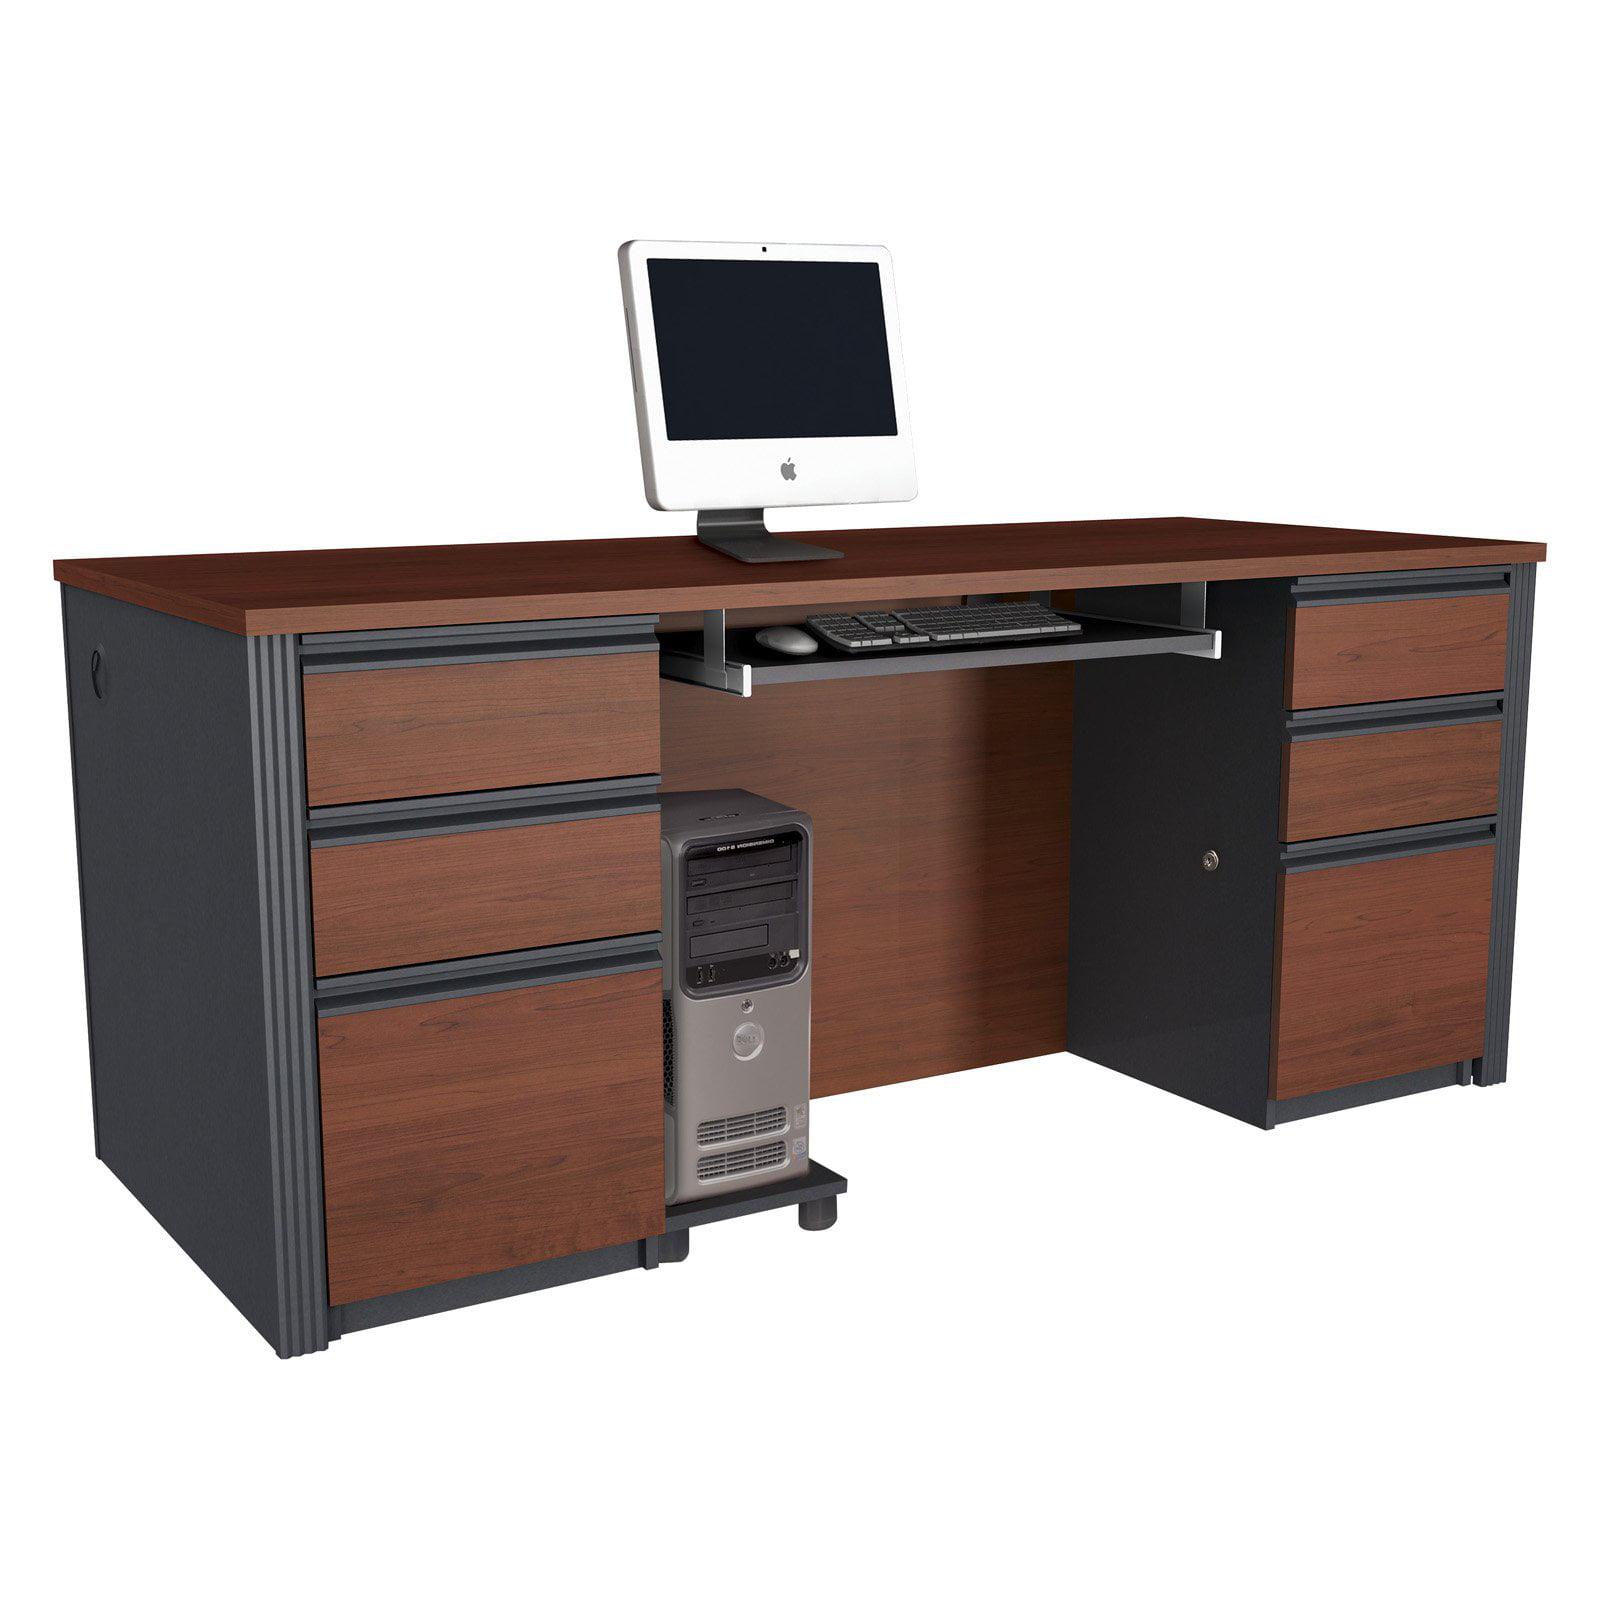 Bestar Prestige Plus Double Pedestal Computer Desk - Bordeaux